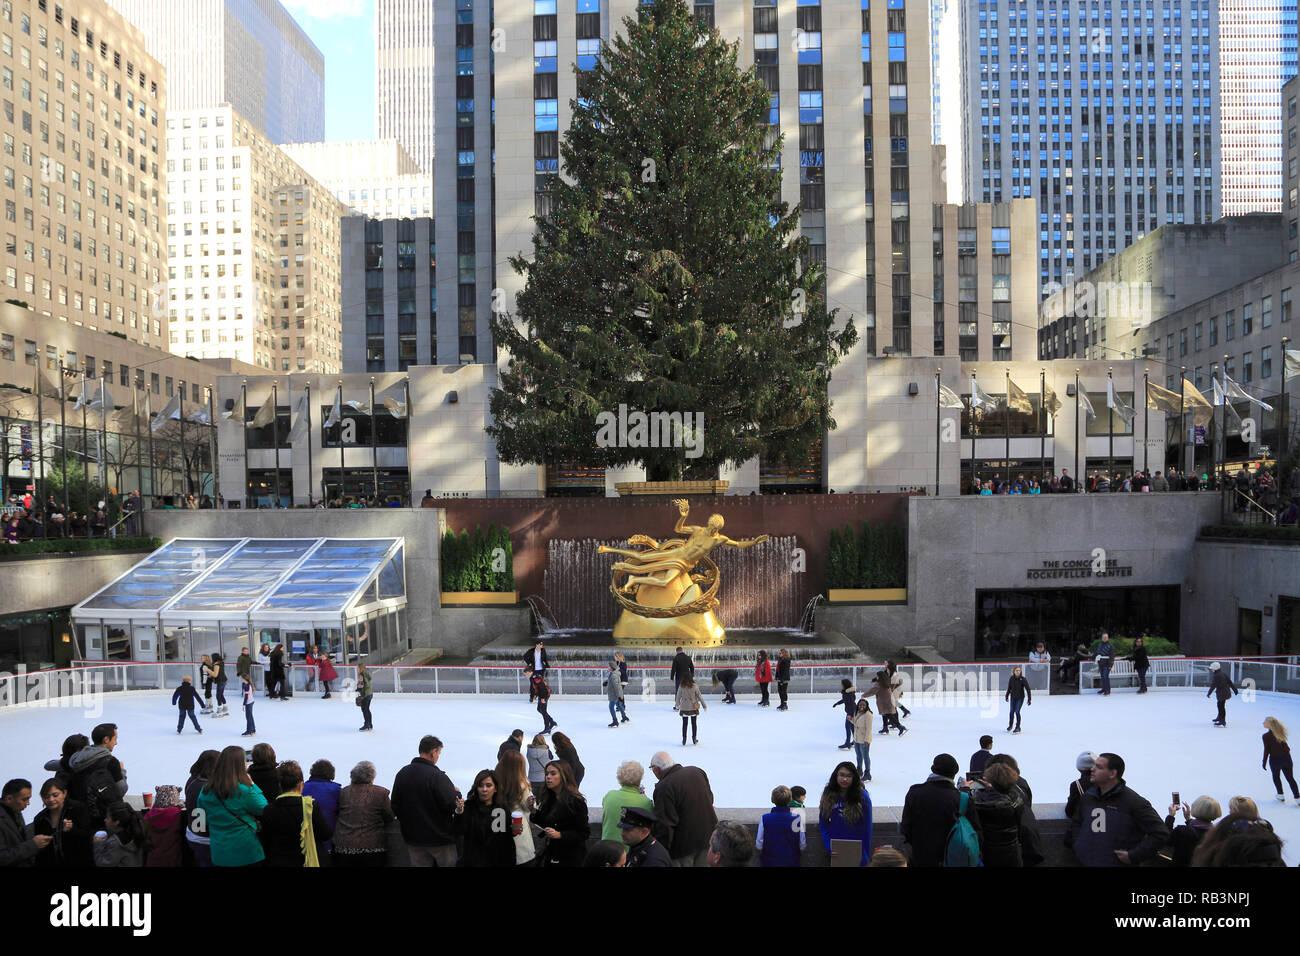 Wo Steht In New York Der Weihnachtsbaum.Eislaufbahn Weihnachtsbaum Rockefeller Center Manhattan New York